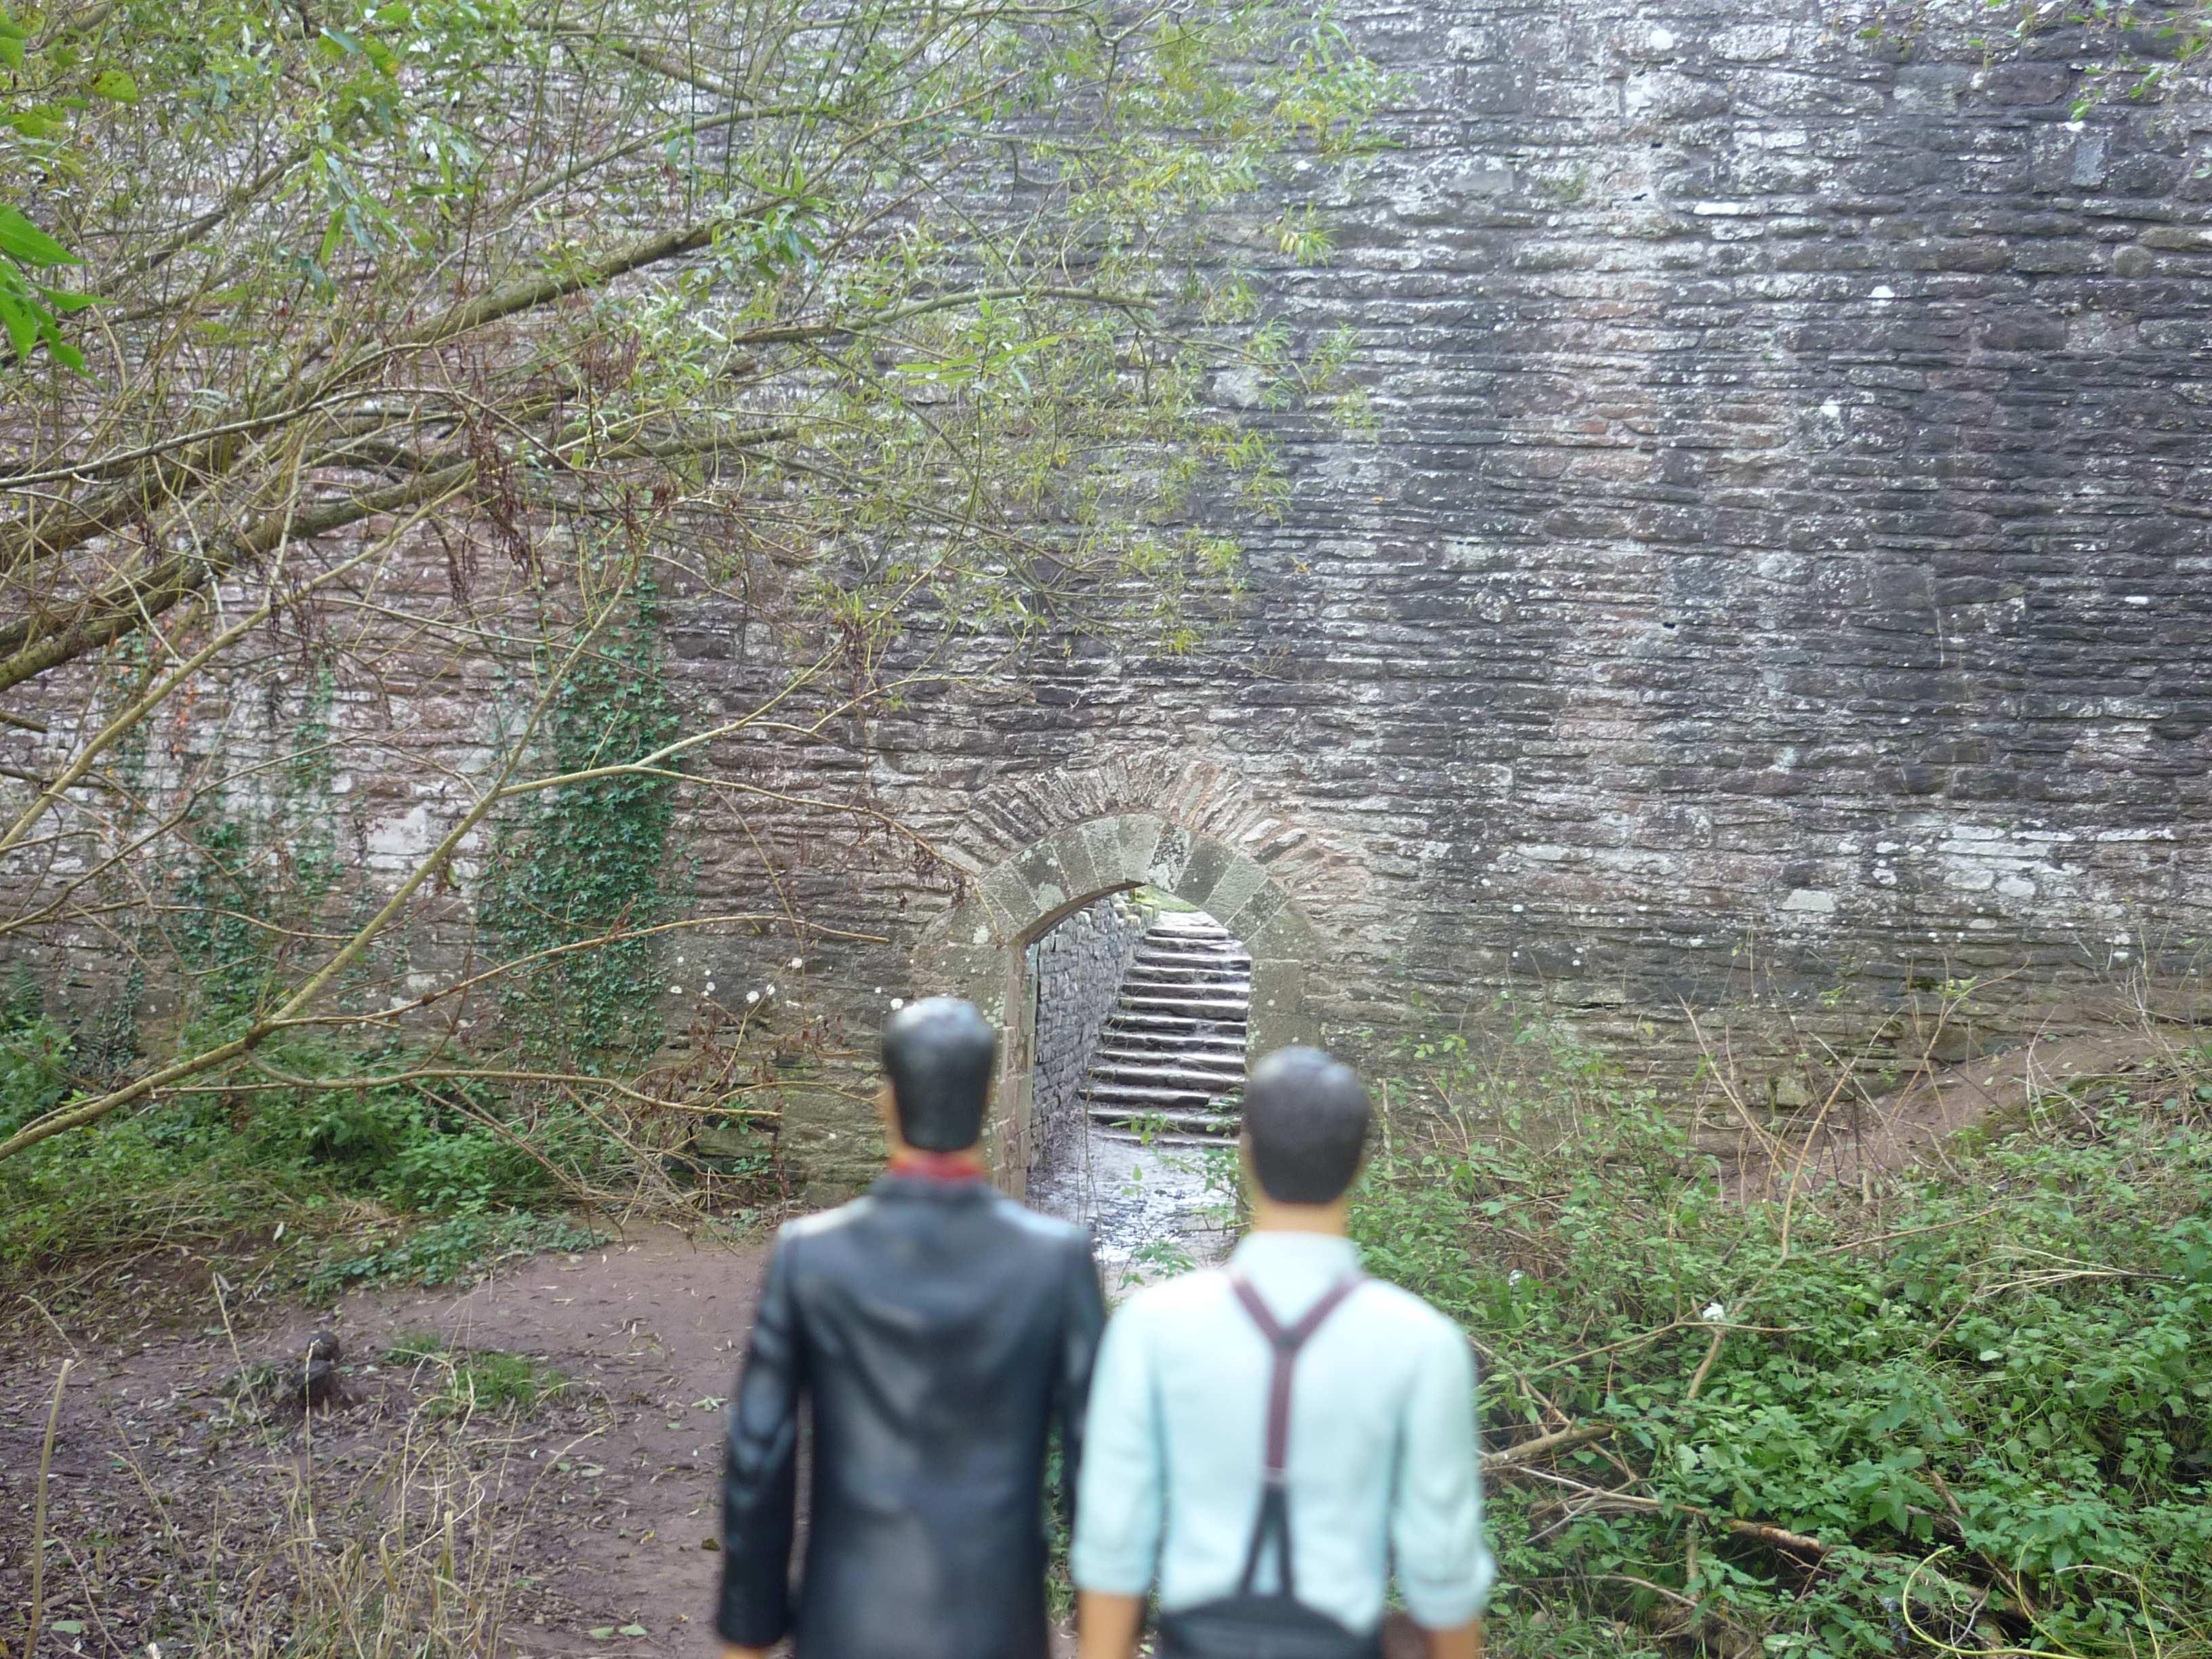 2012.11.05 -05- Skenfrith Castle